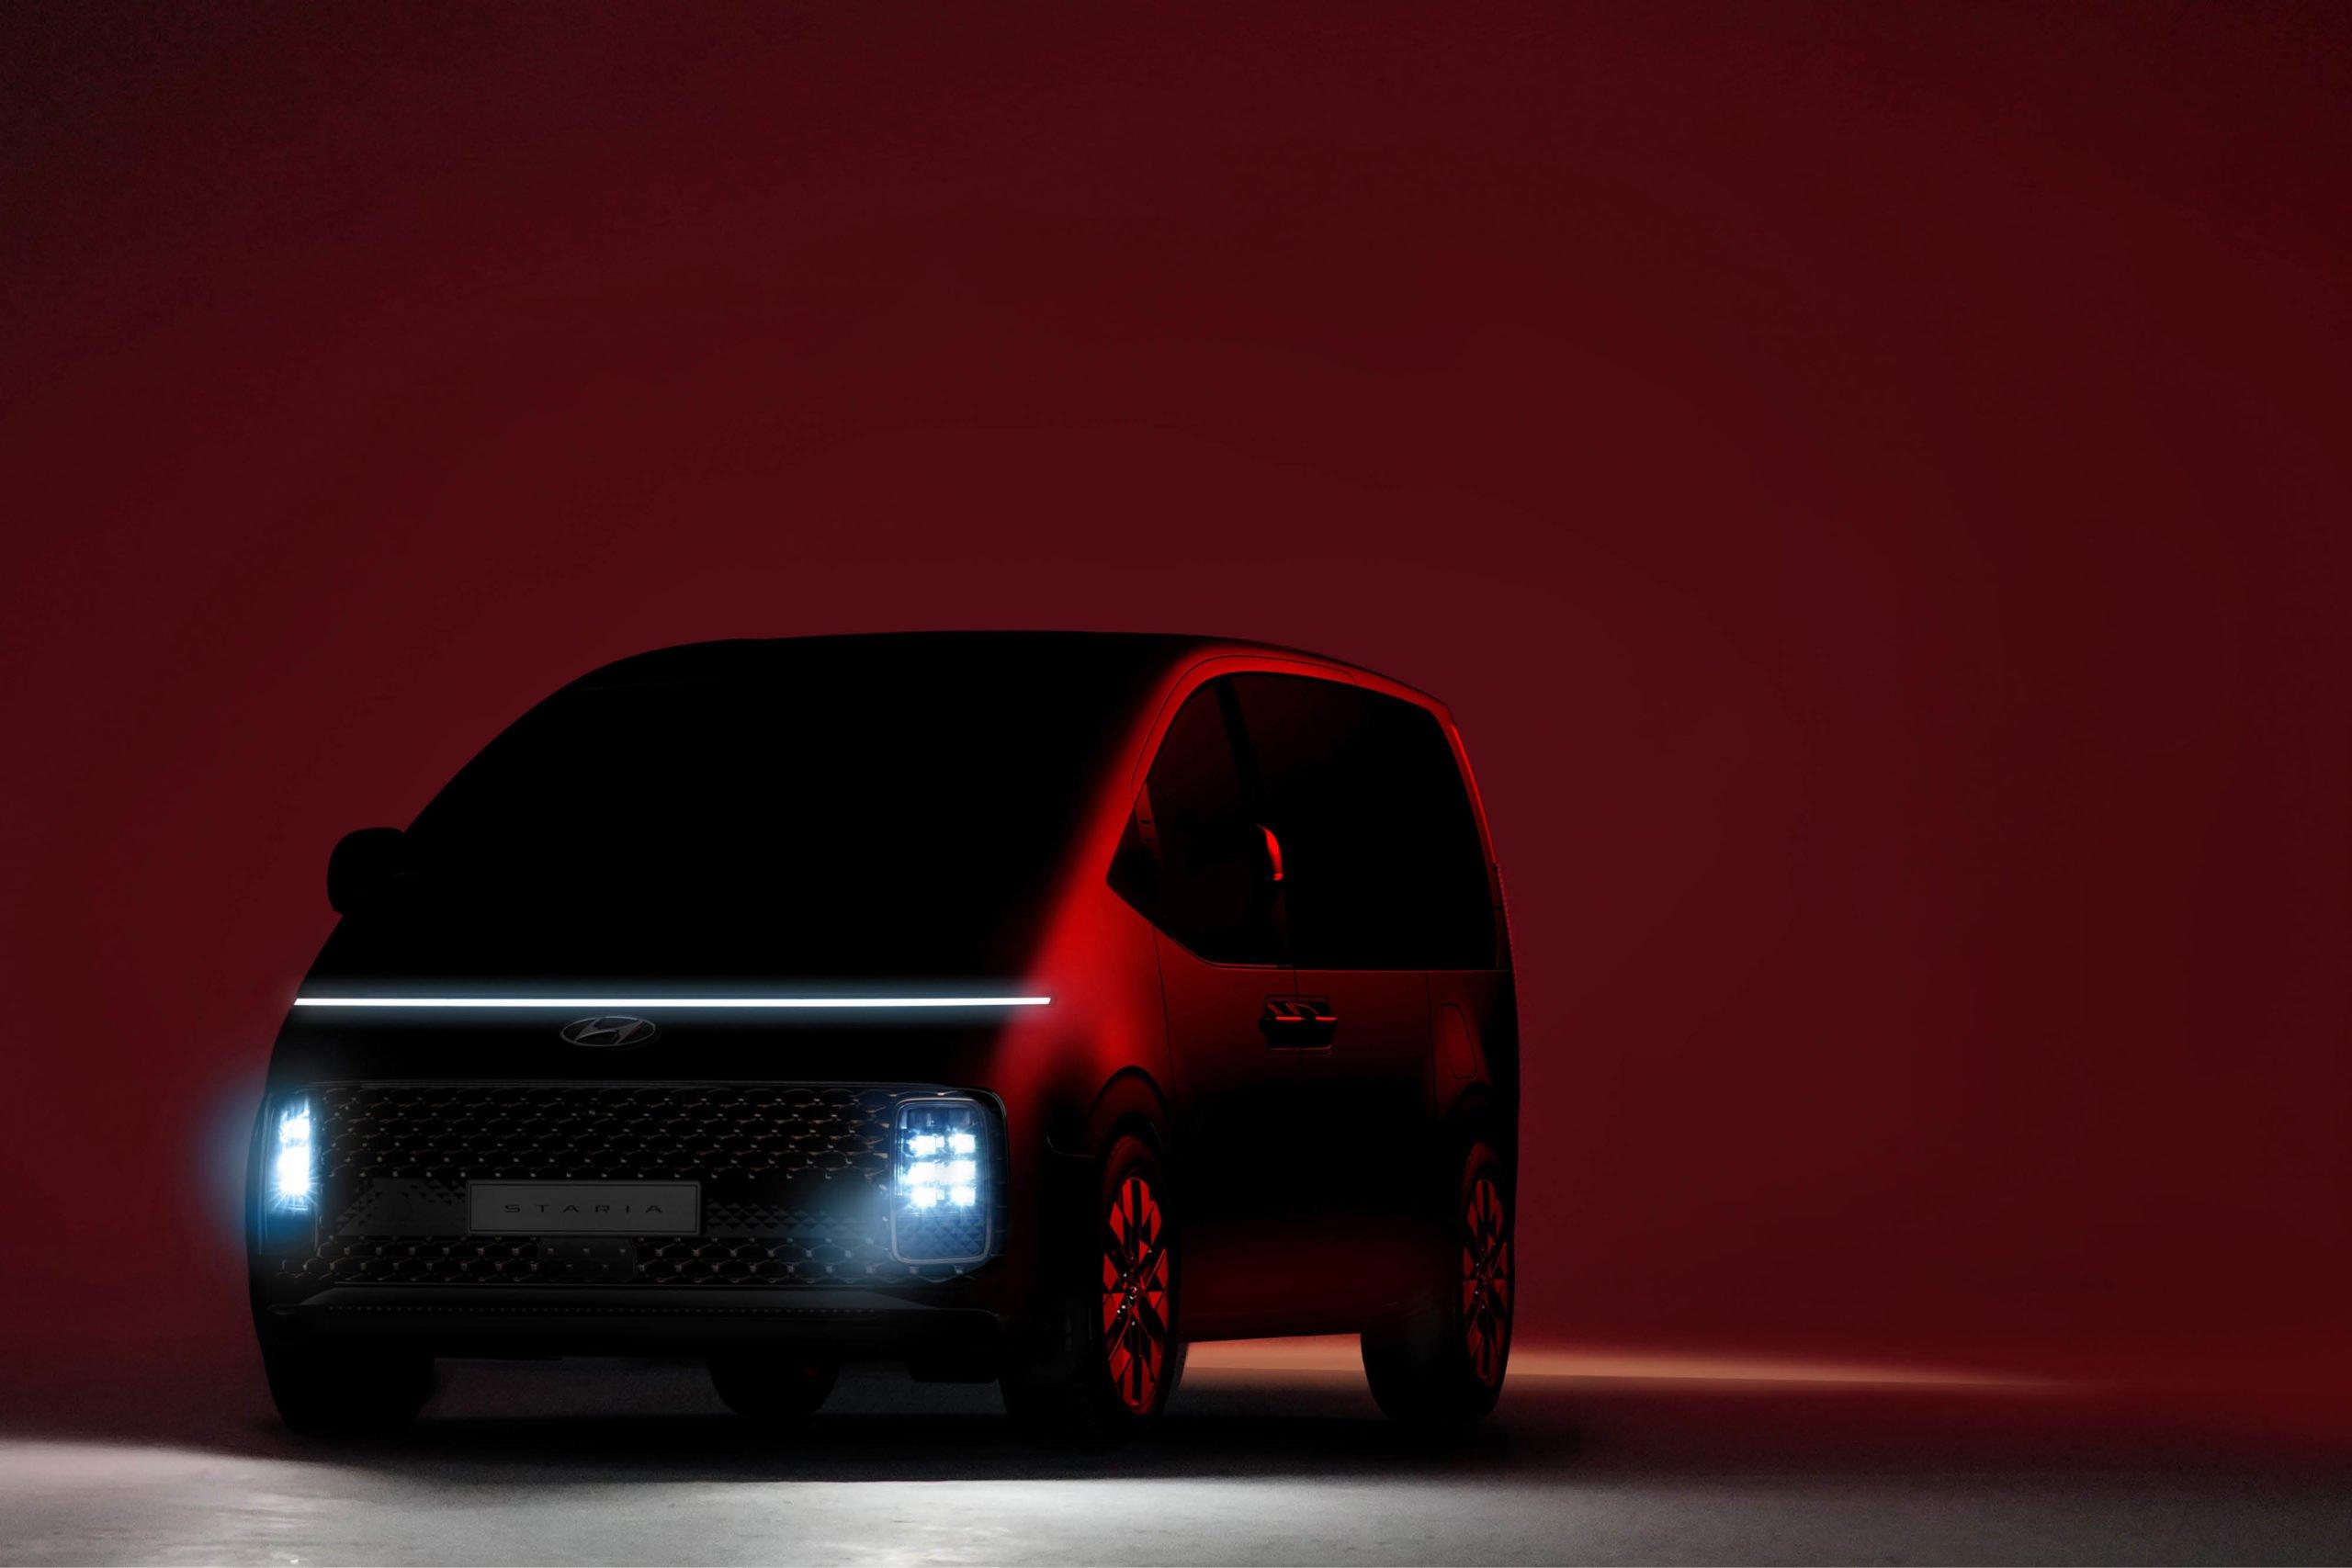 Hyundai présente son minivan, aux allures de vaisseau spatial - Journal du geek